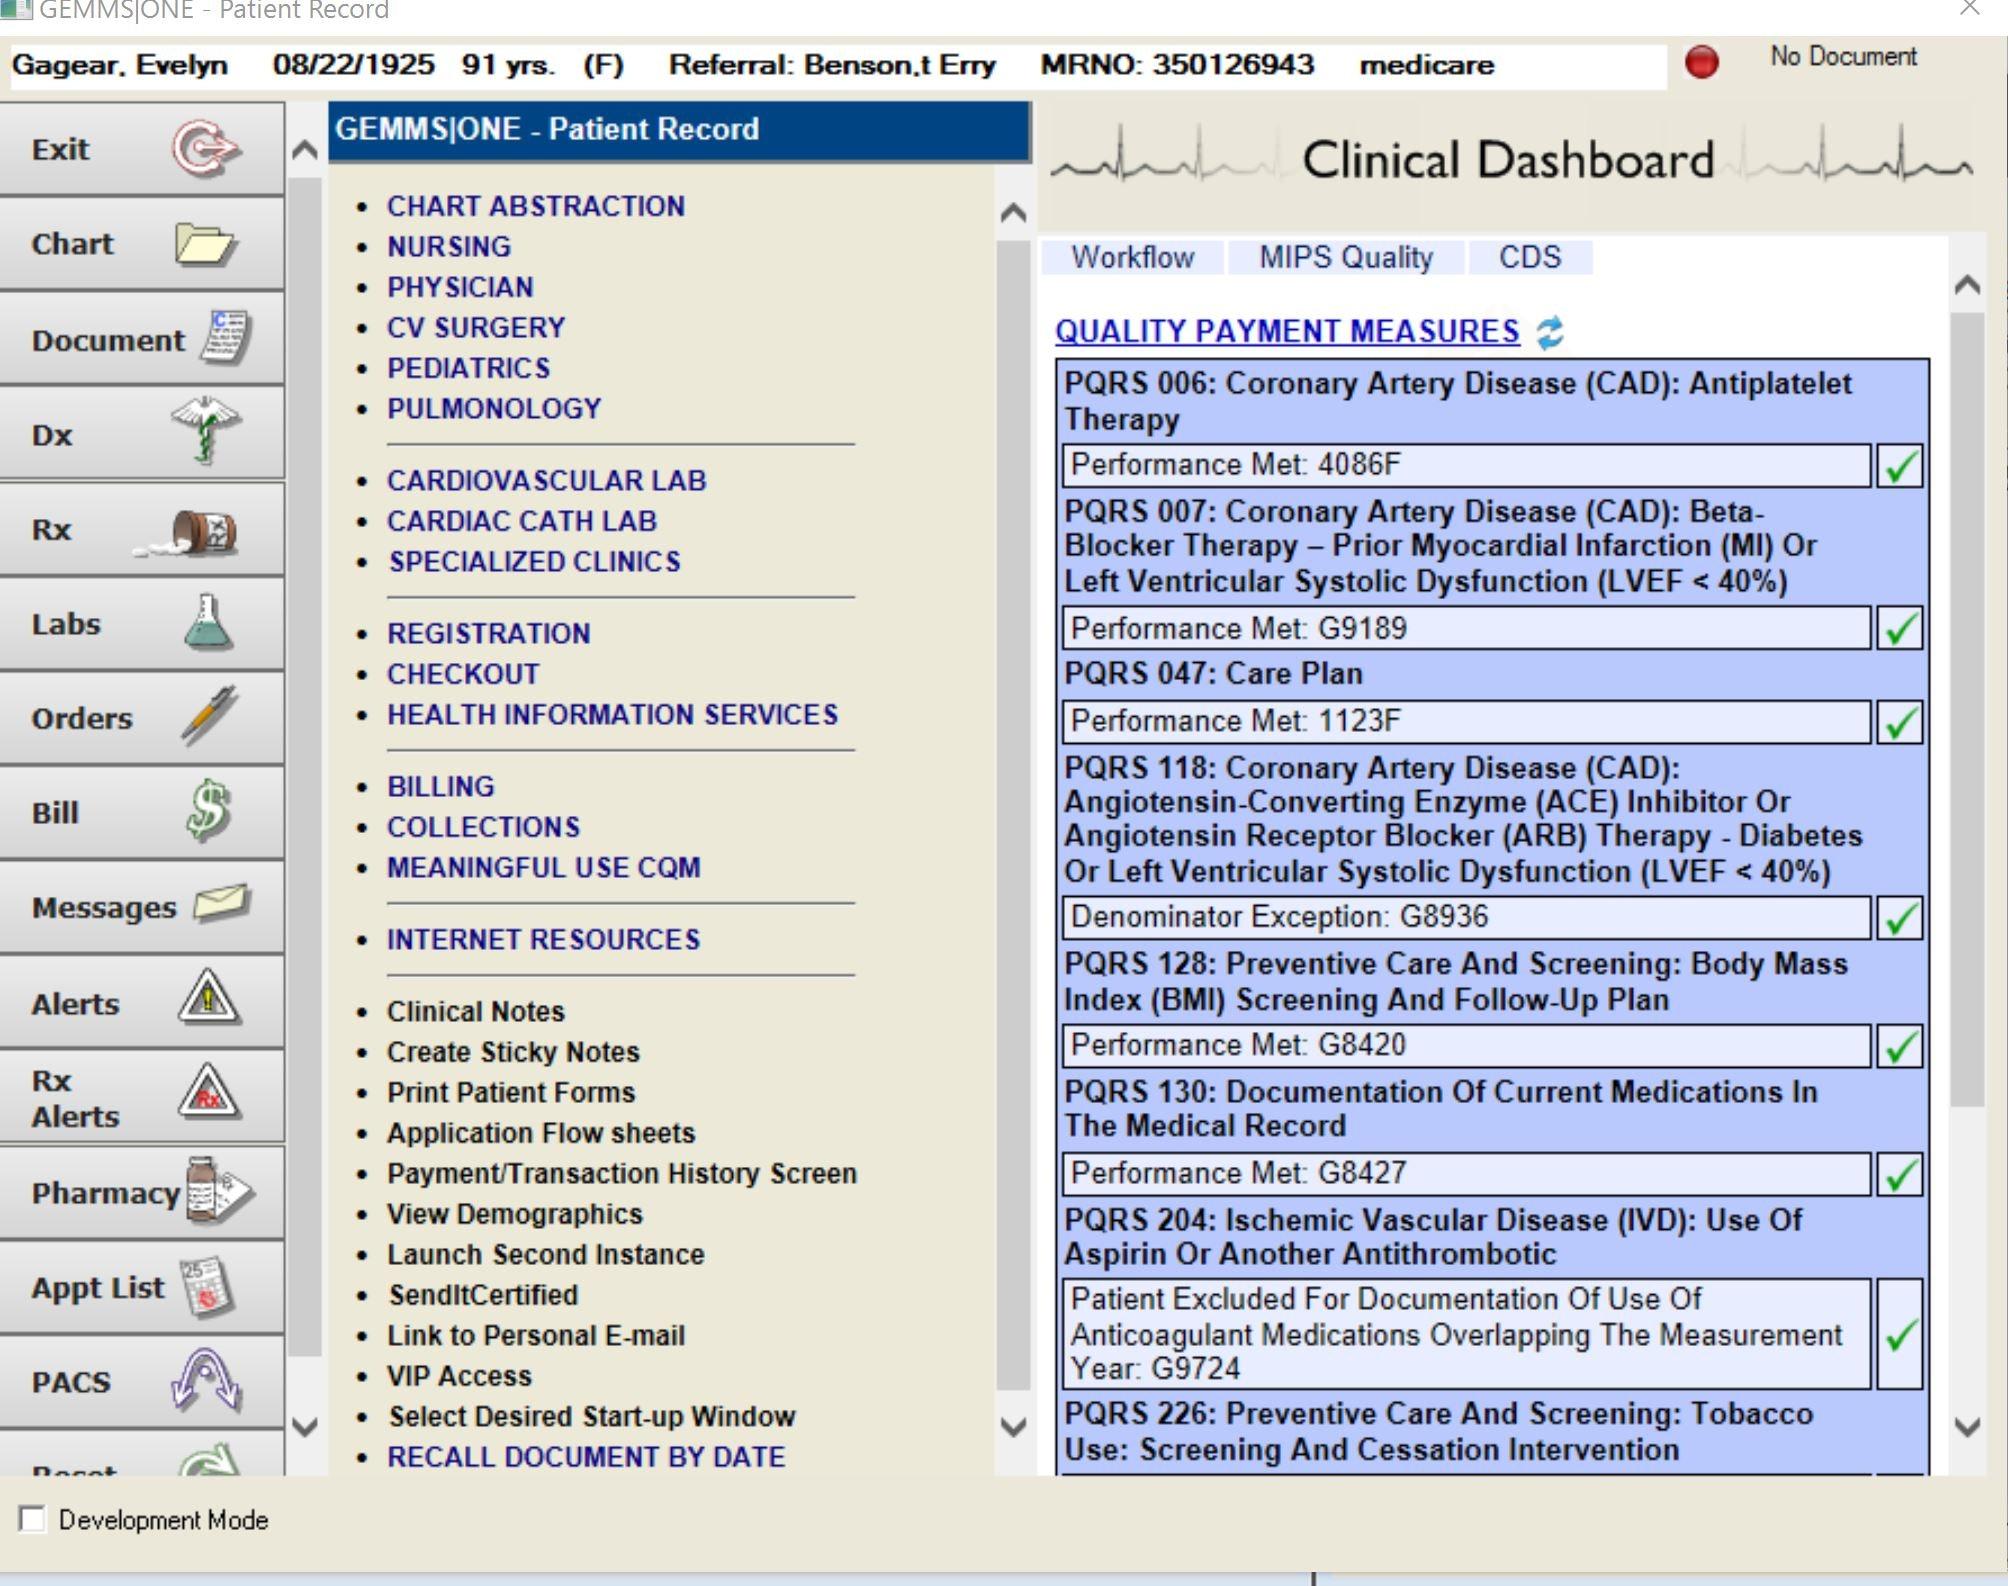 MIPS dashboard